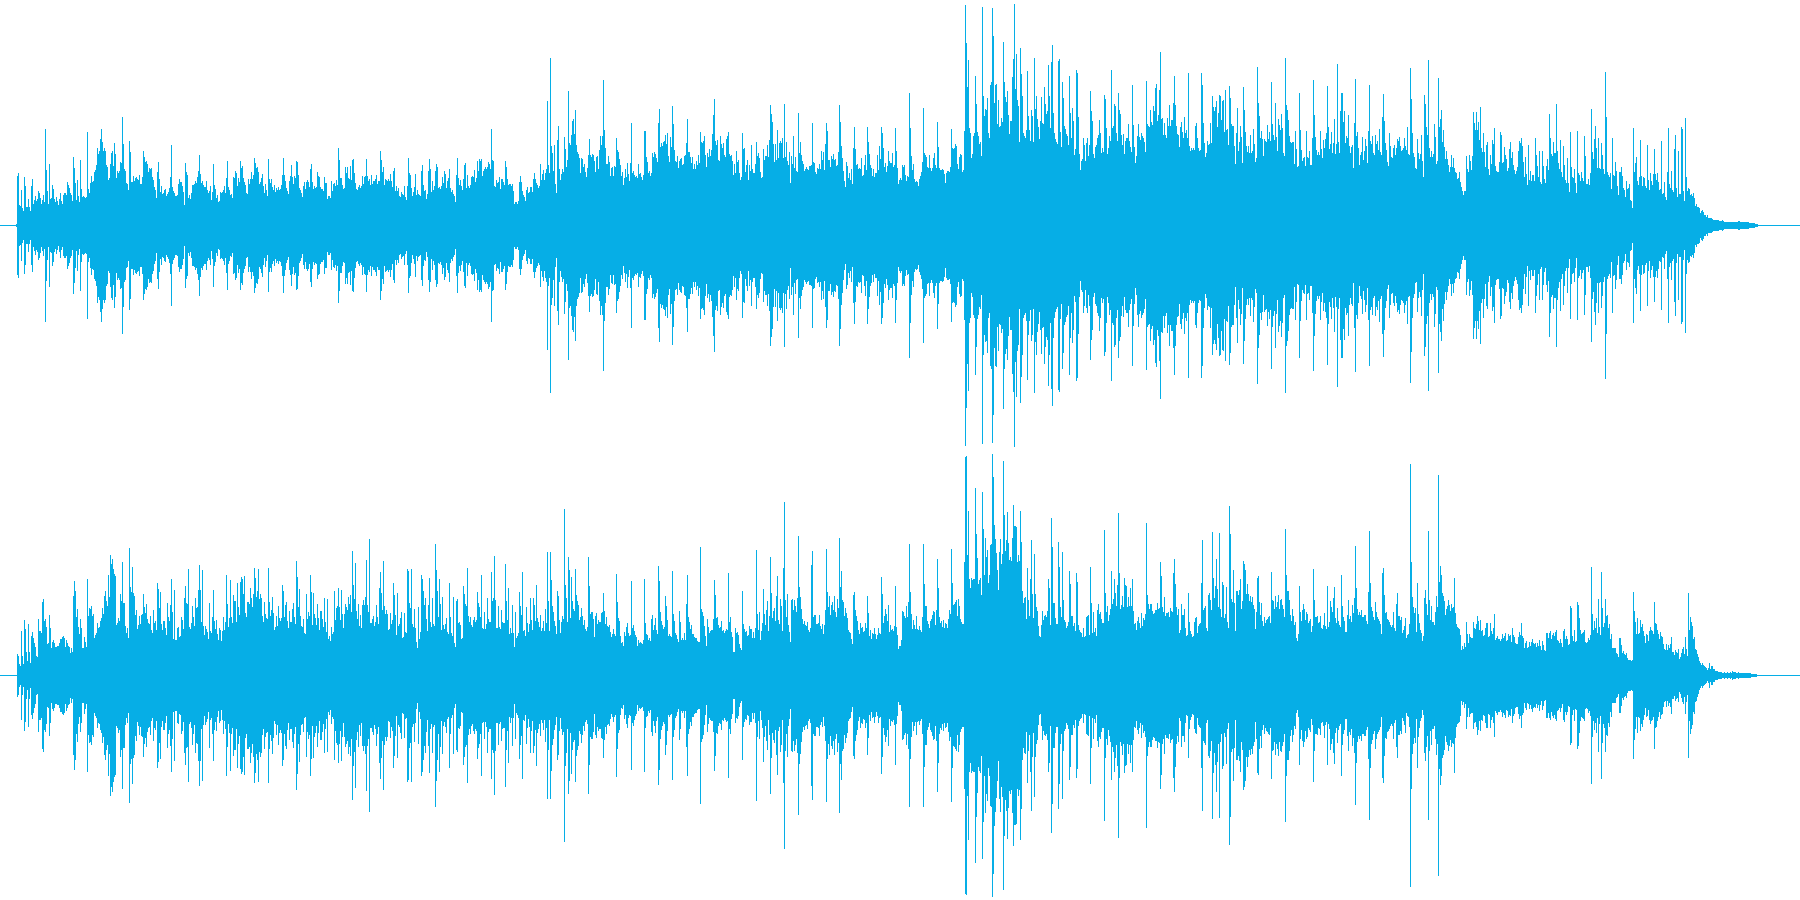 音色が綺麗で幻想的なメロディーの再生済みの波形